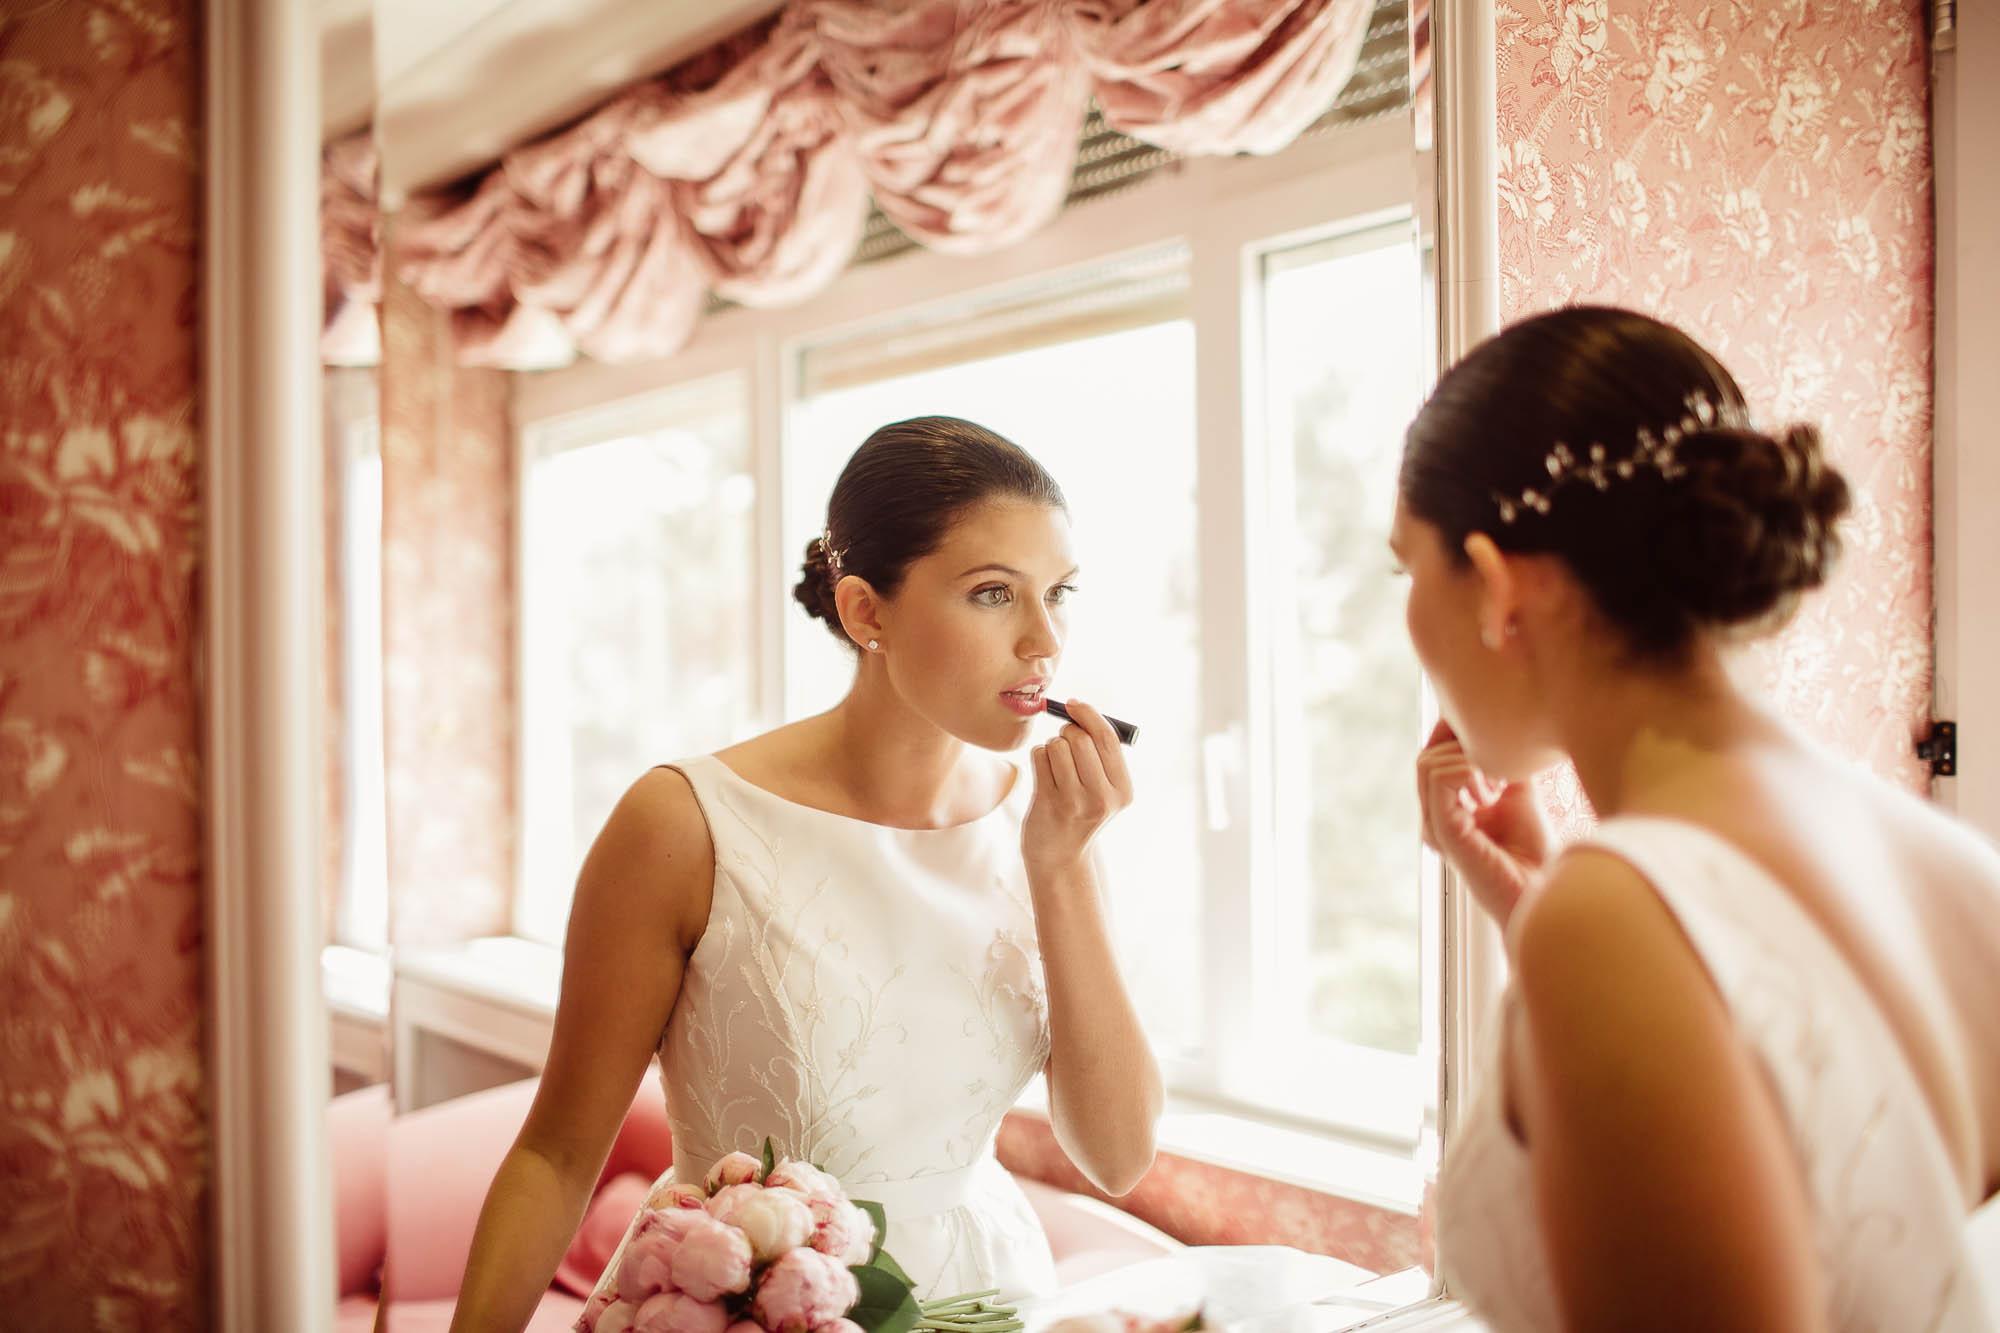 Una novia arreglándose en el espejo el día de su boda